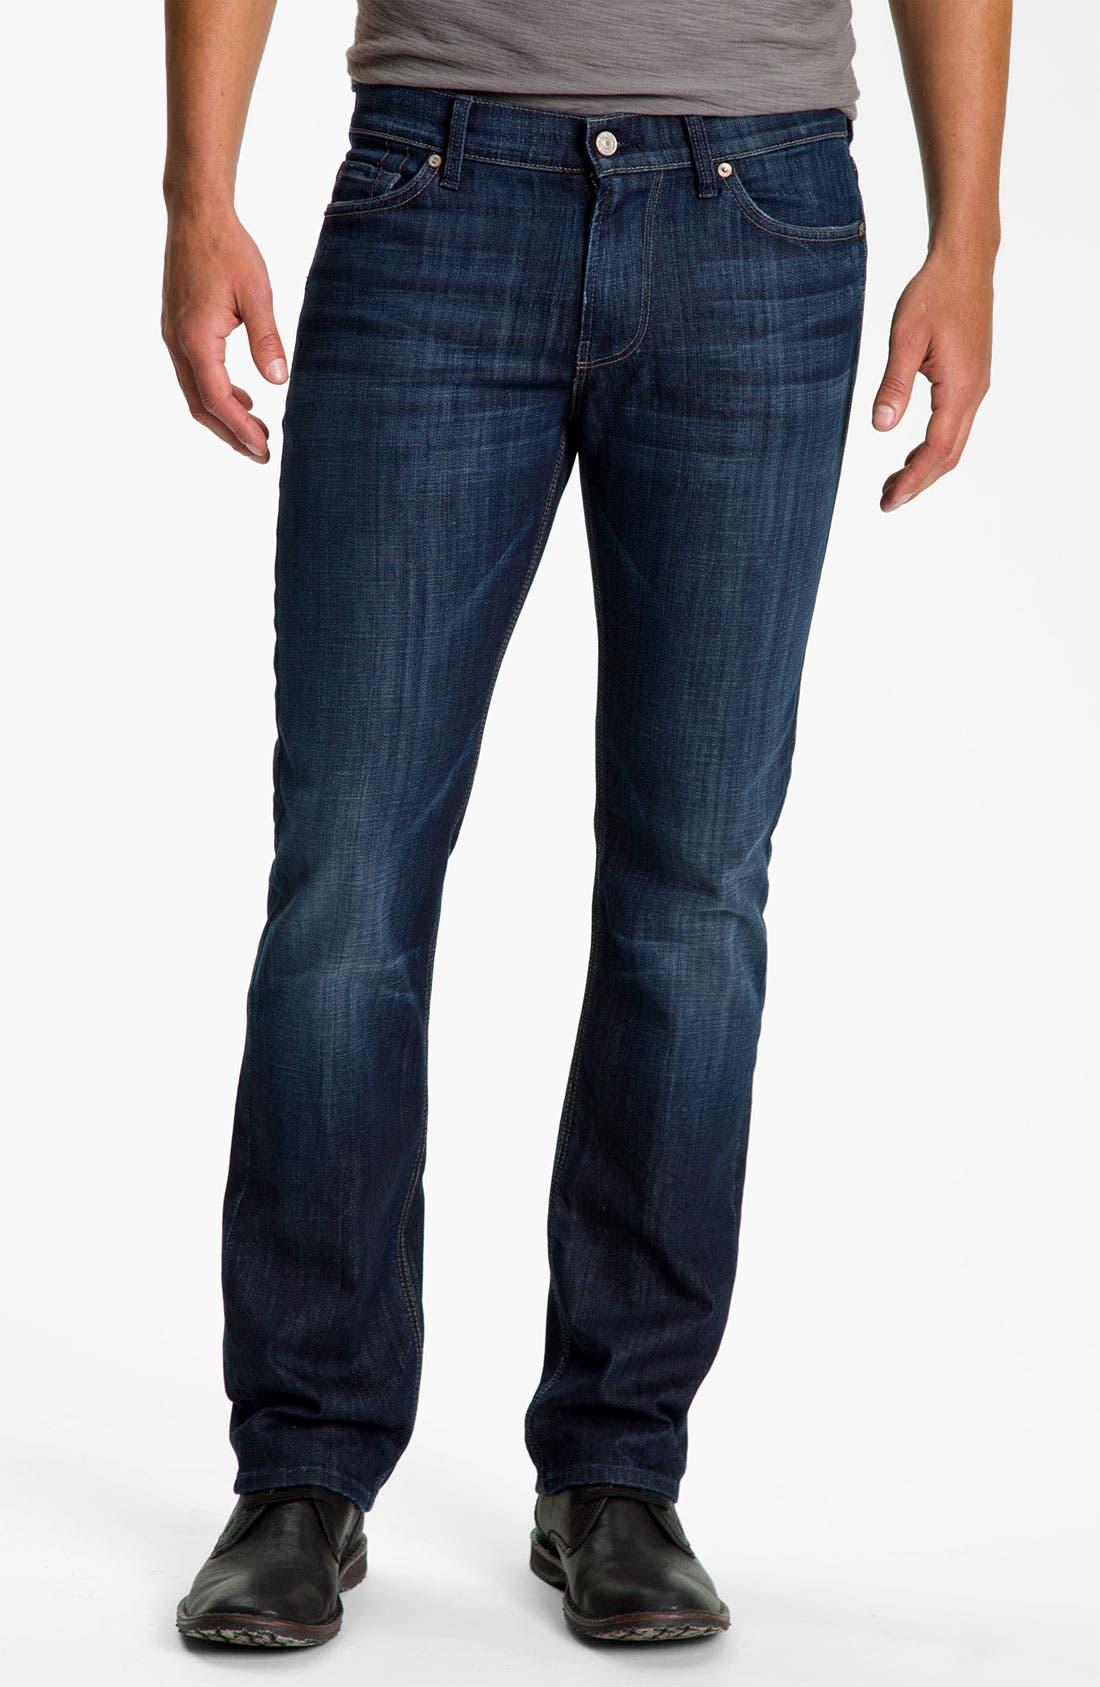 Slimmy Slim Fit Jeans,                         Main,                         color, LOS ANGELES DARK